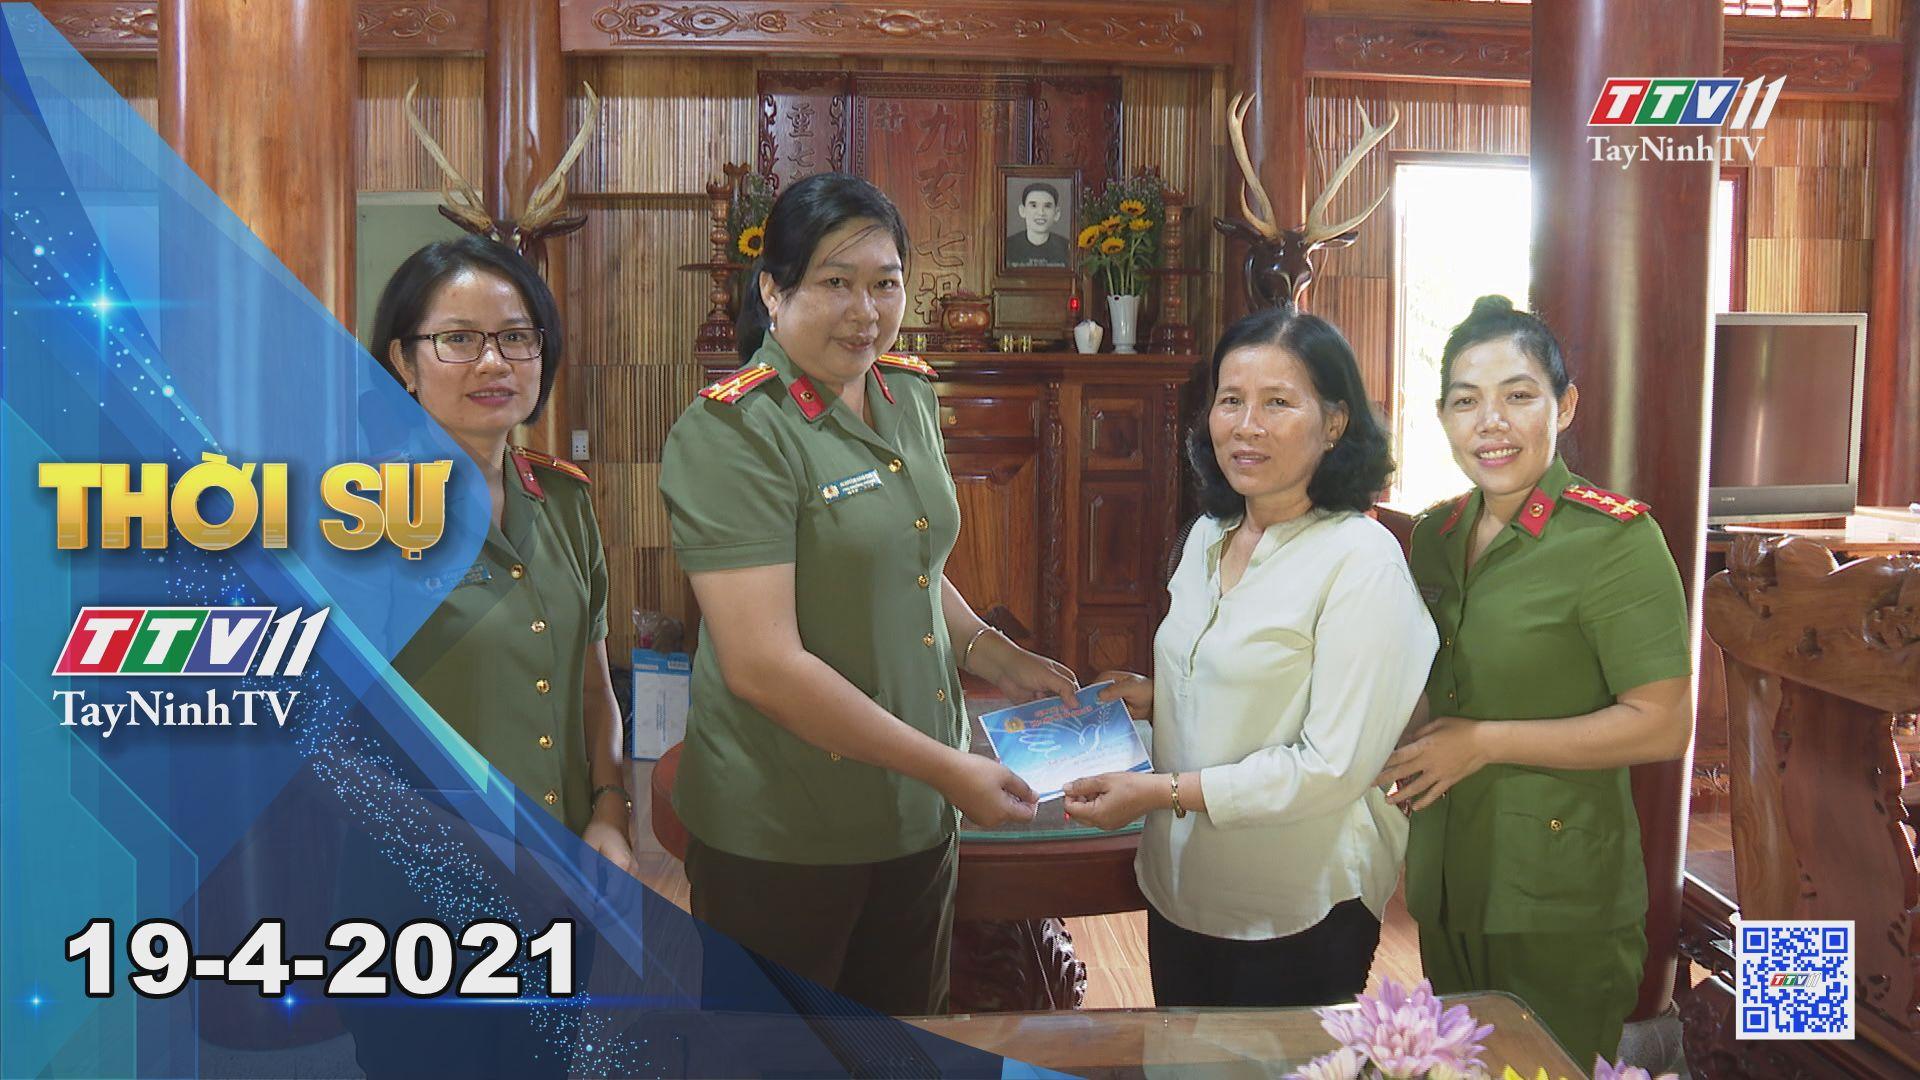 Thời sự Tây Ninh 19-4-2021 | Tin tức hôm nay | TayNinhTV